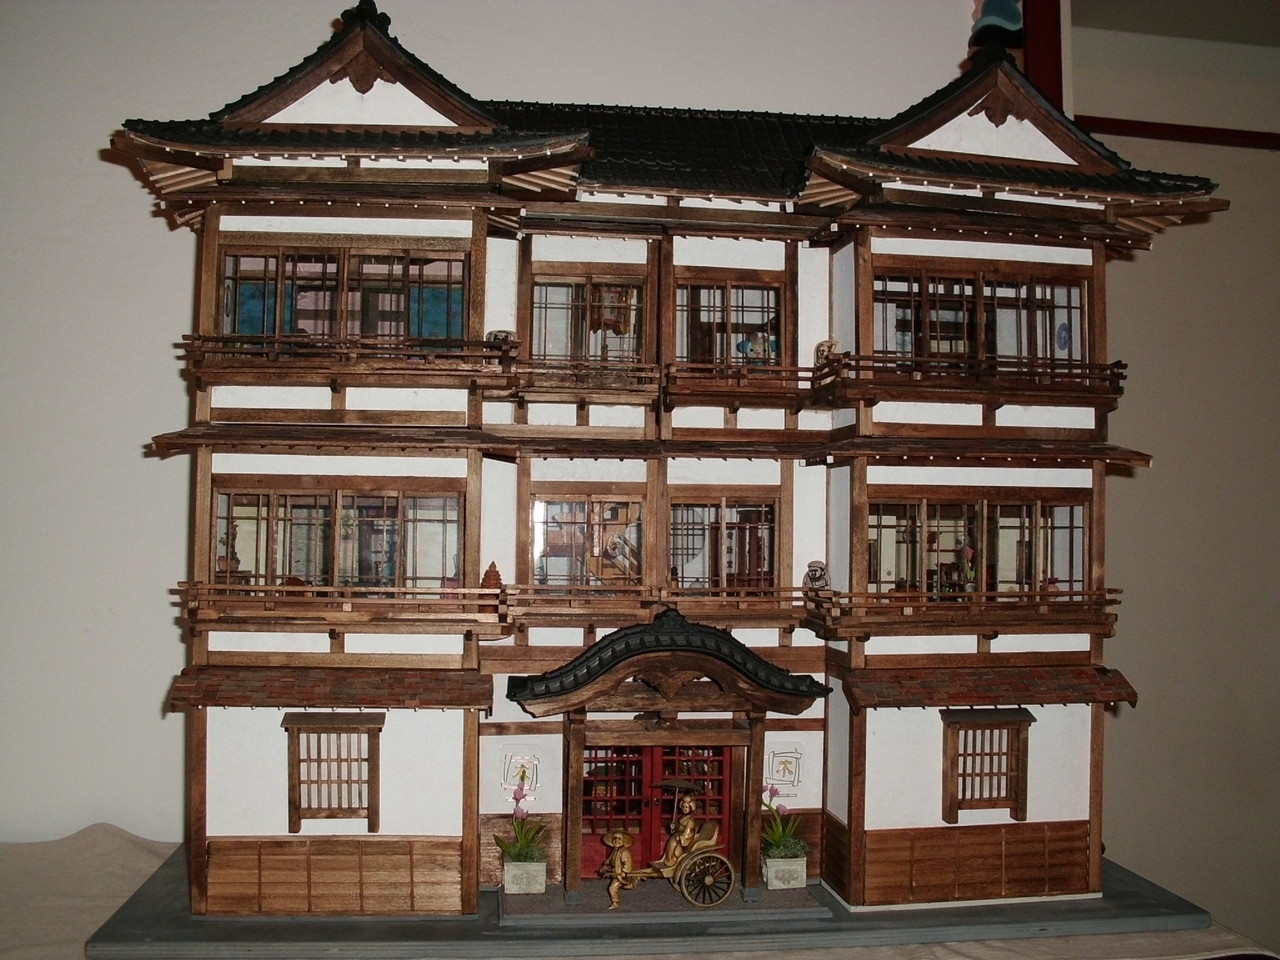 La casa giapponese benvenuti su imieipiccolitesori for Giapponese a casa